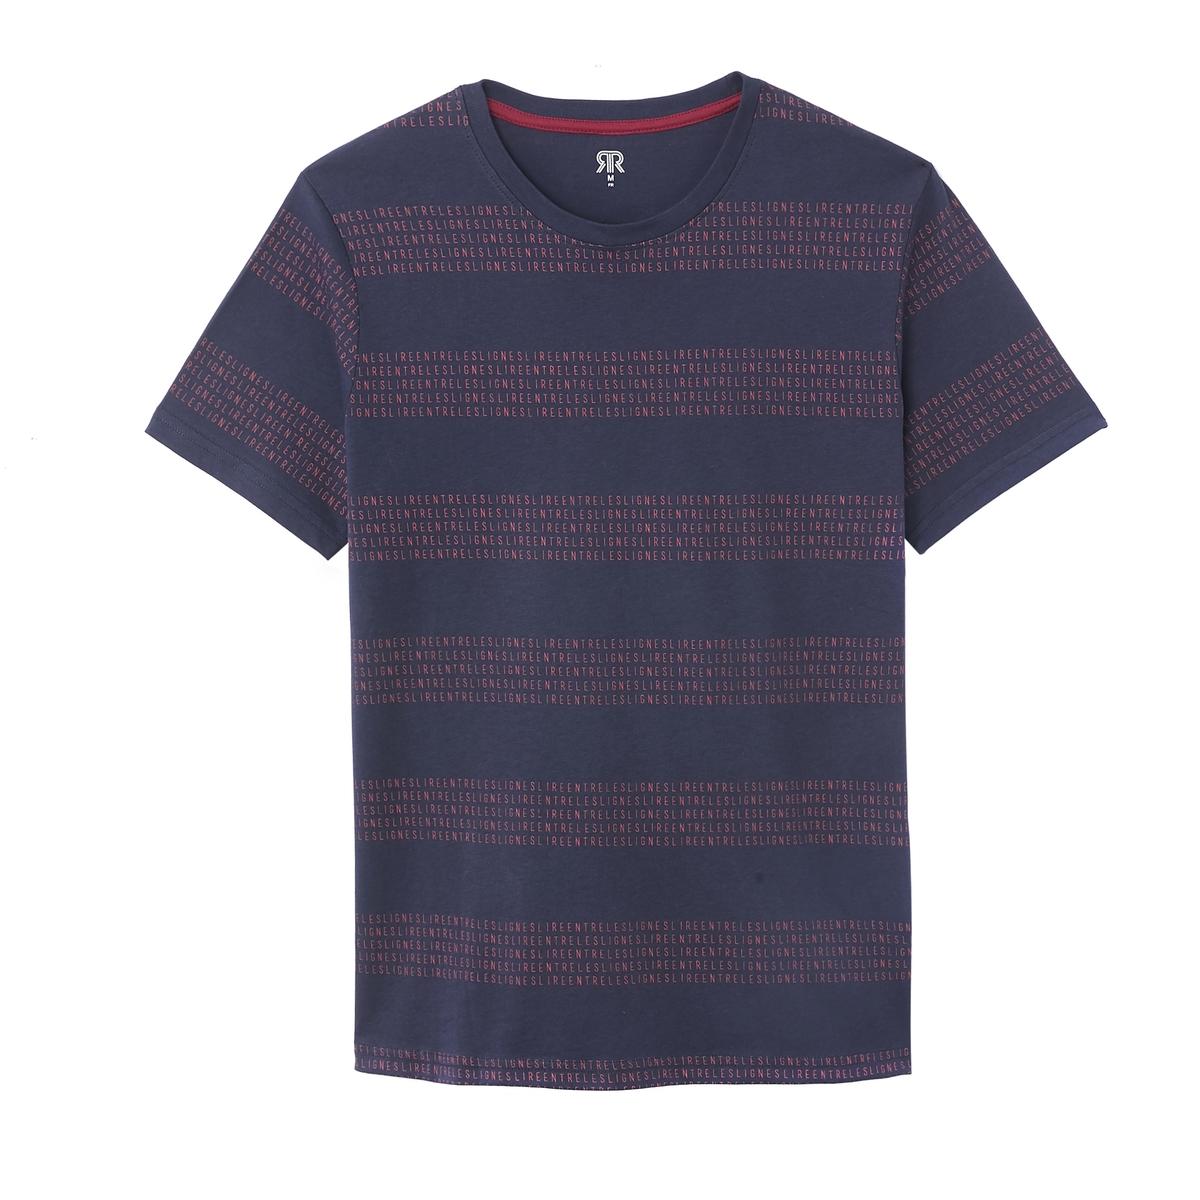 T-shirt de gola redonda, às riscas